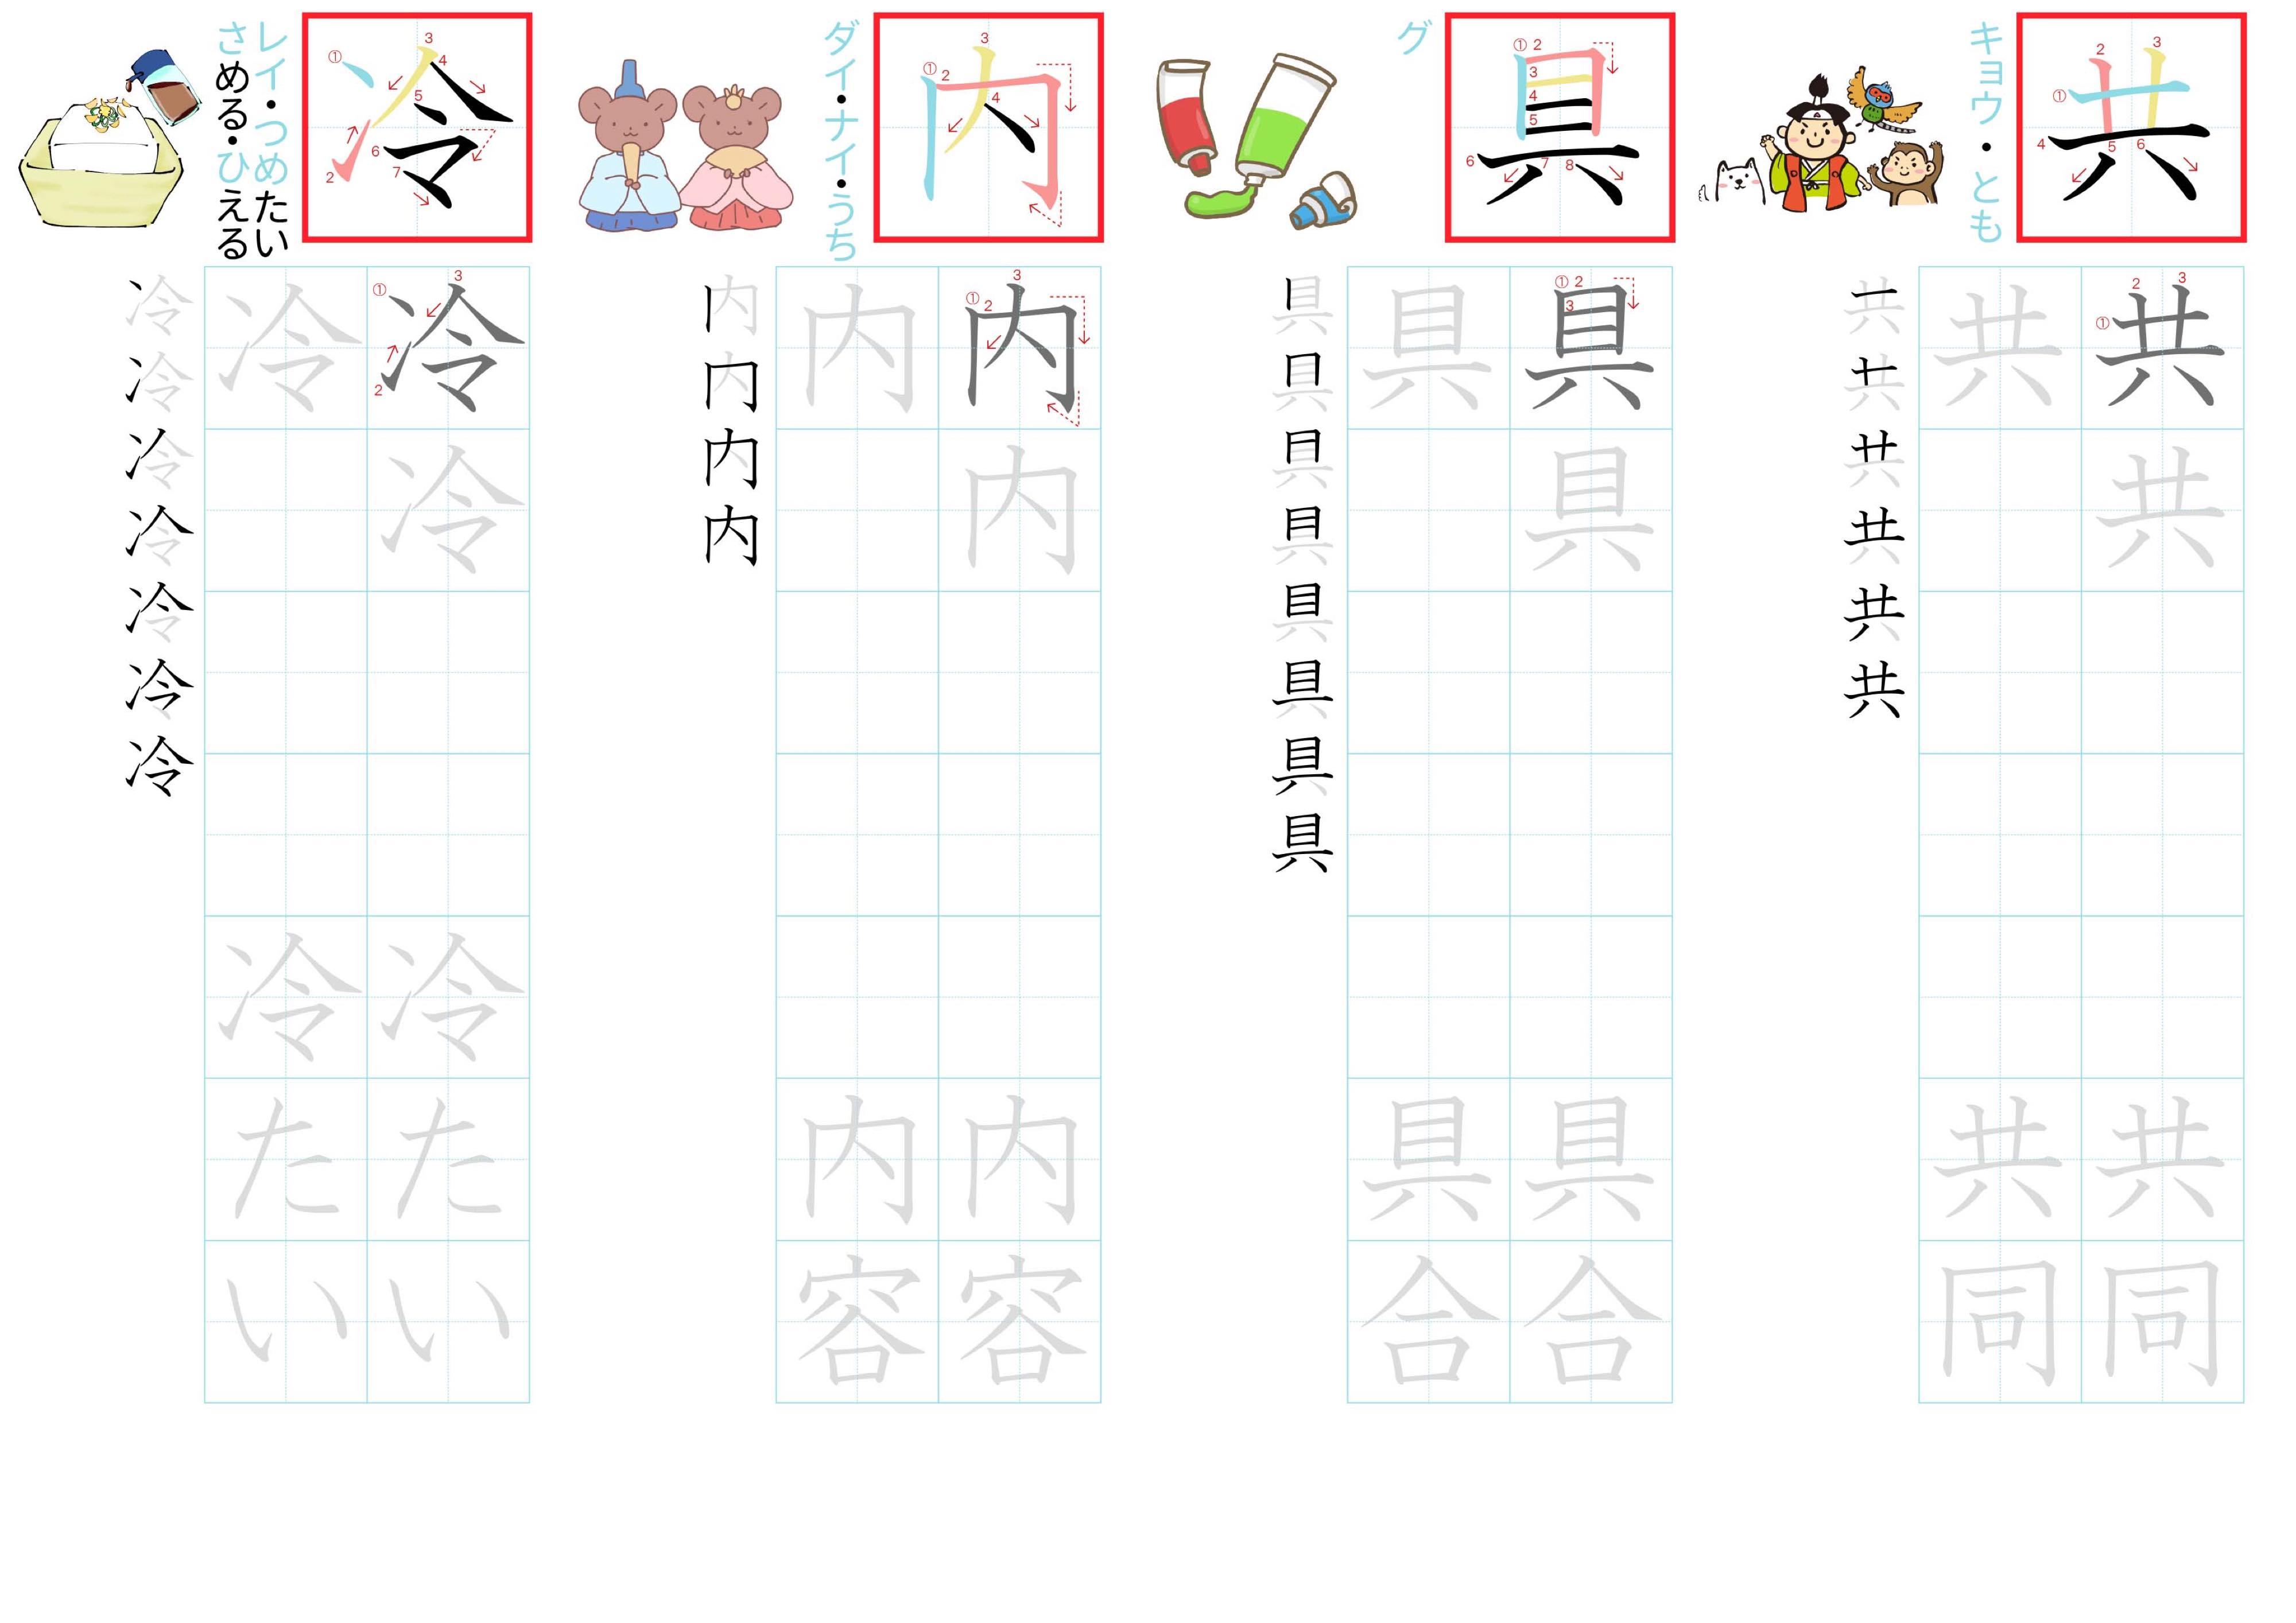 kanji-practice-card-n3-japanese-071